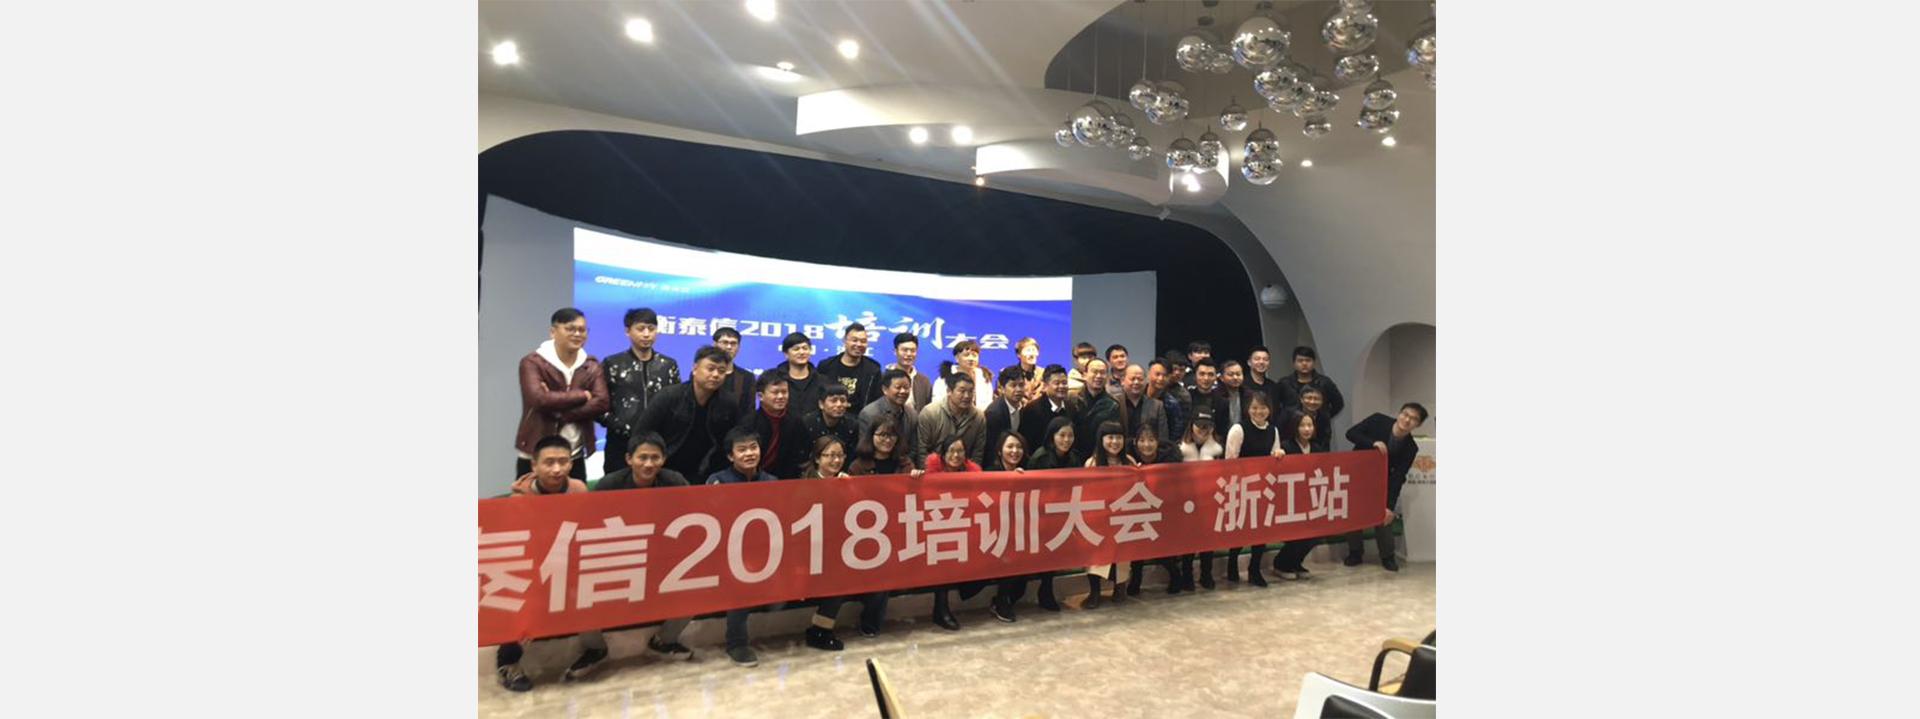 衡泰信室内高尔夫2018经销商培训大会—浙江站1.jpg